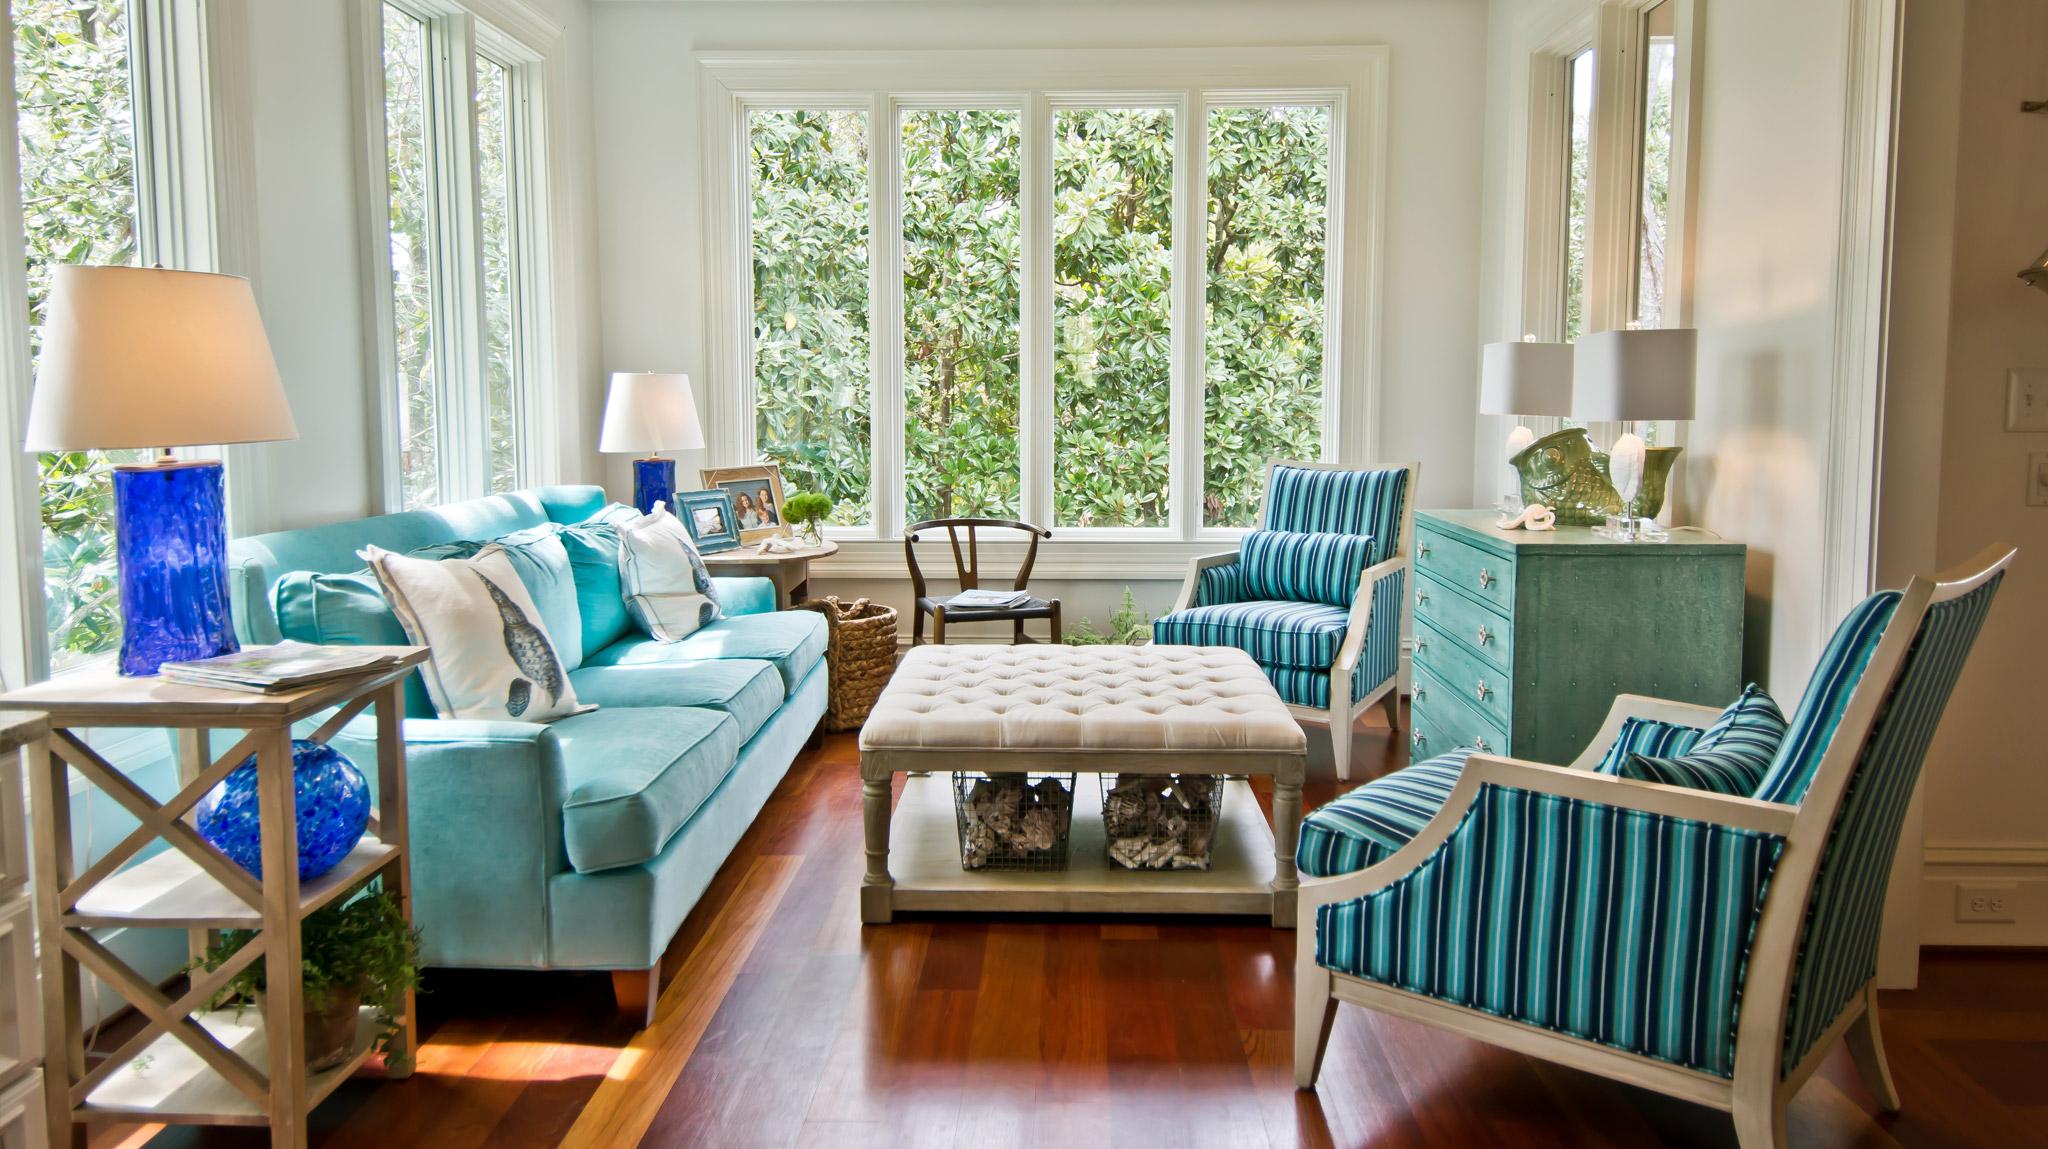 Home Decor Ideas & Decorators Near Me: Checklist & Free Quotes 10